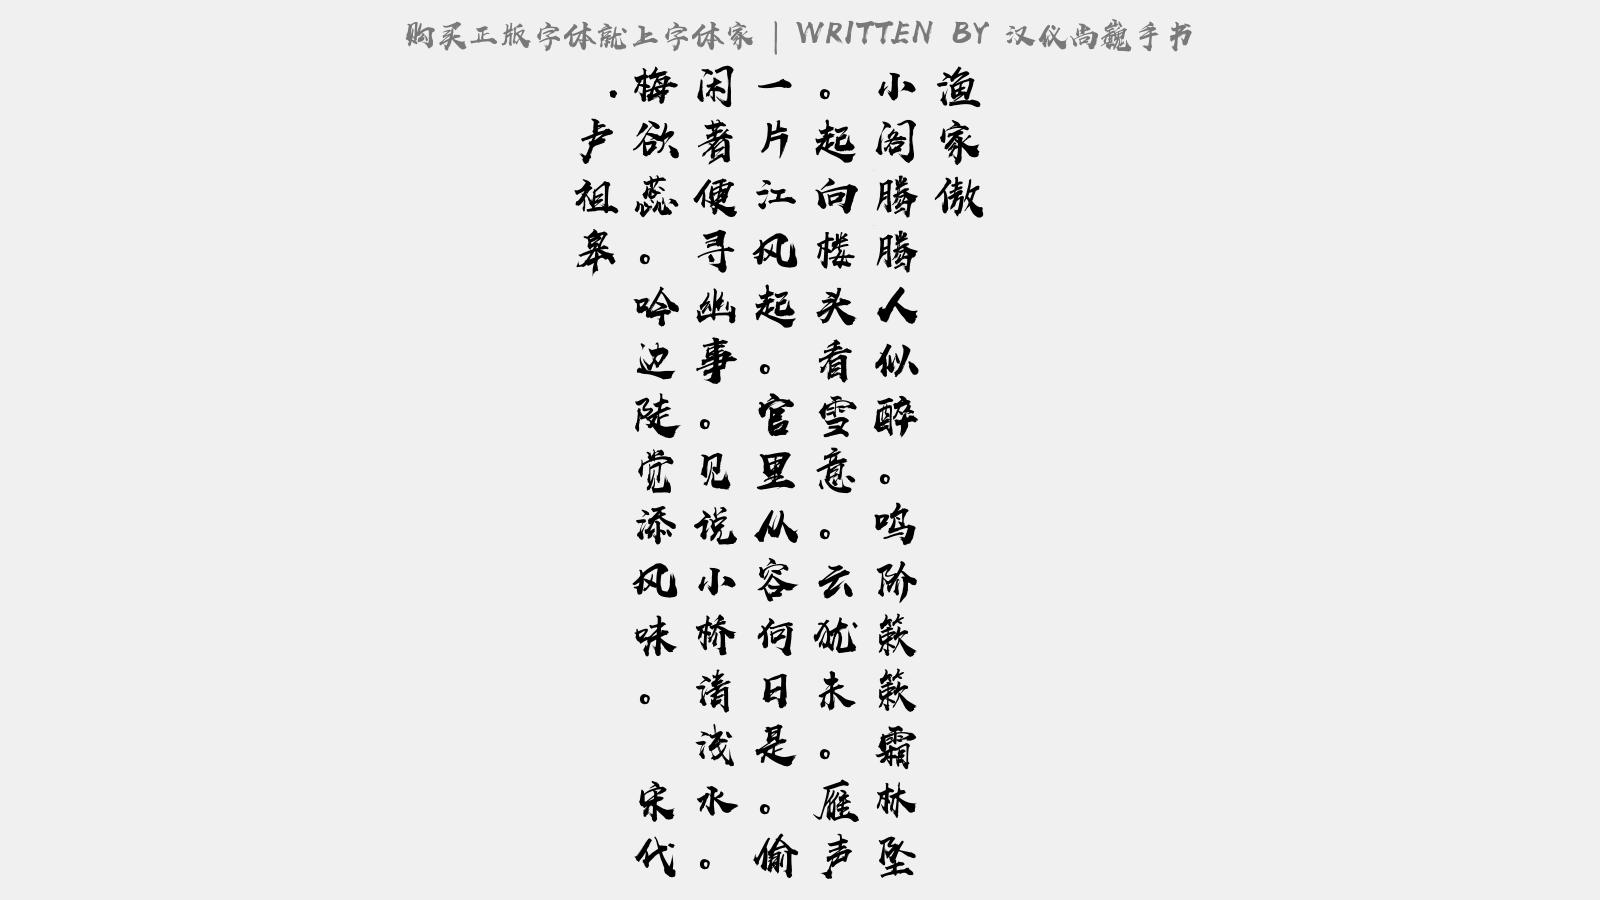 漢儀尚巍手書 - 漁家傲